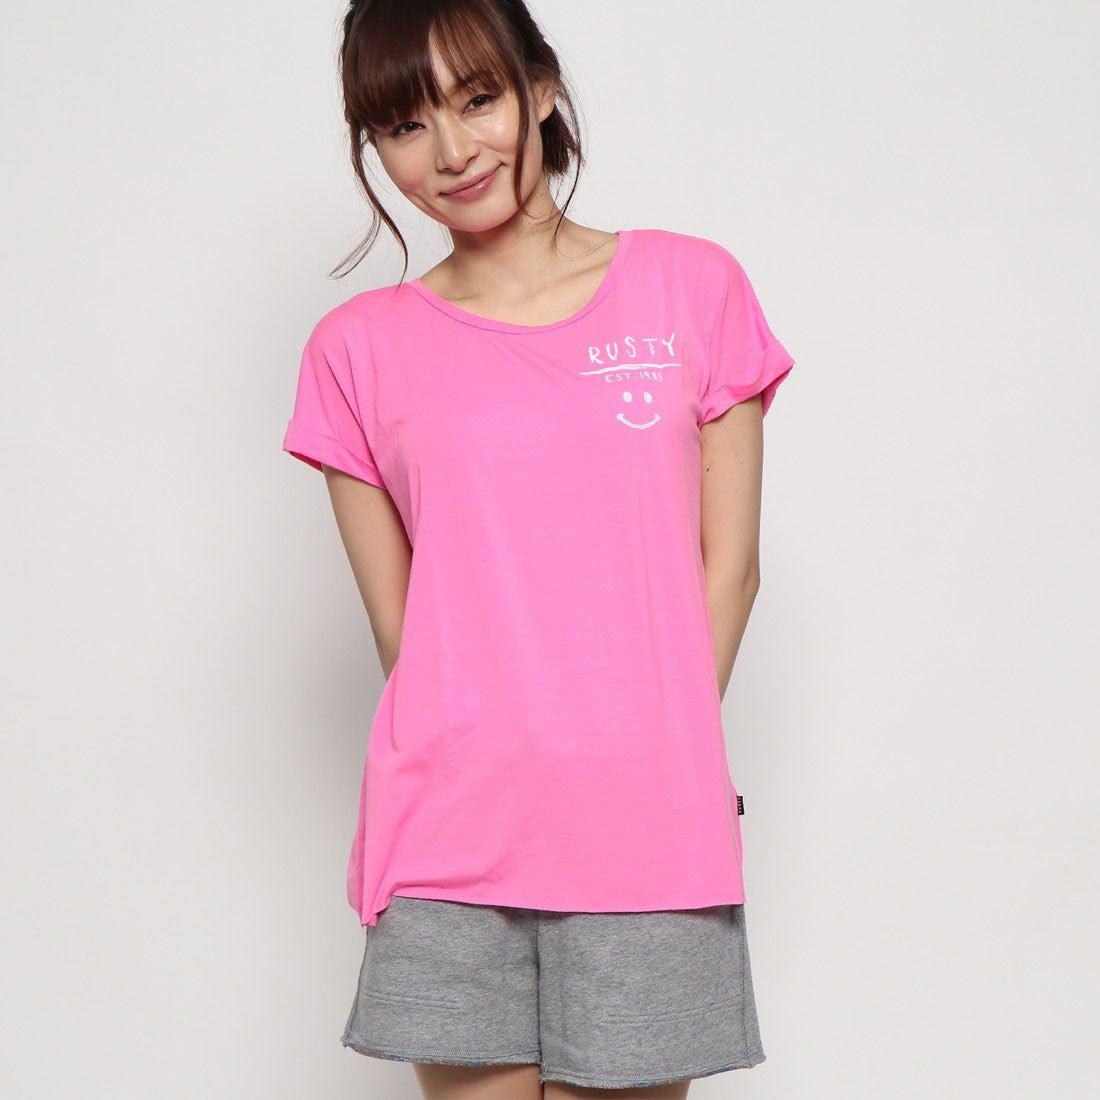 ラスティ RUSTY レディス UVTシャツ (HPK)